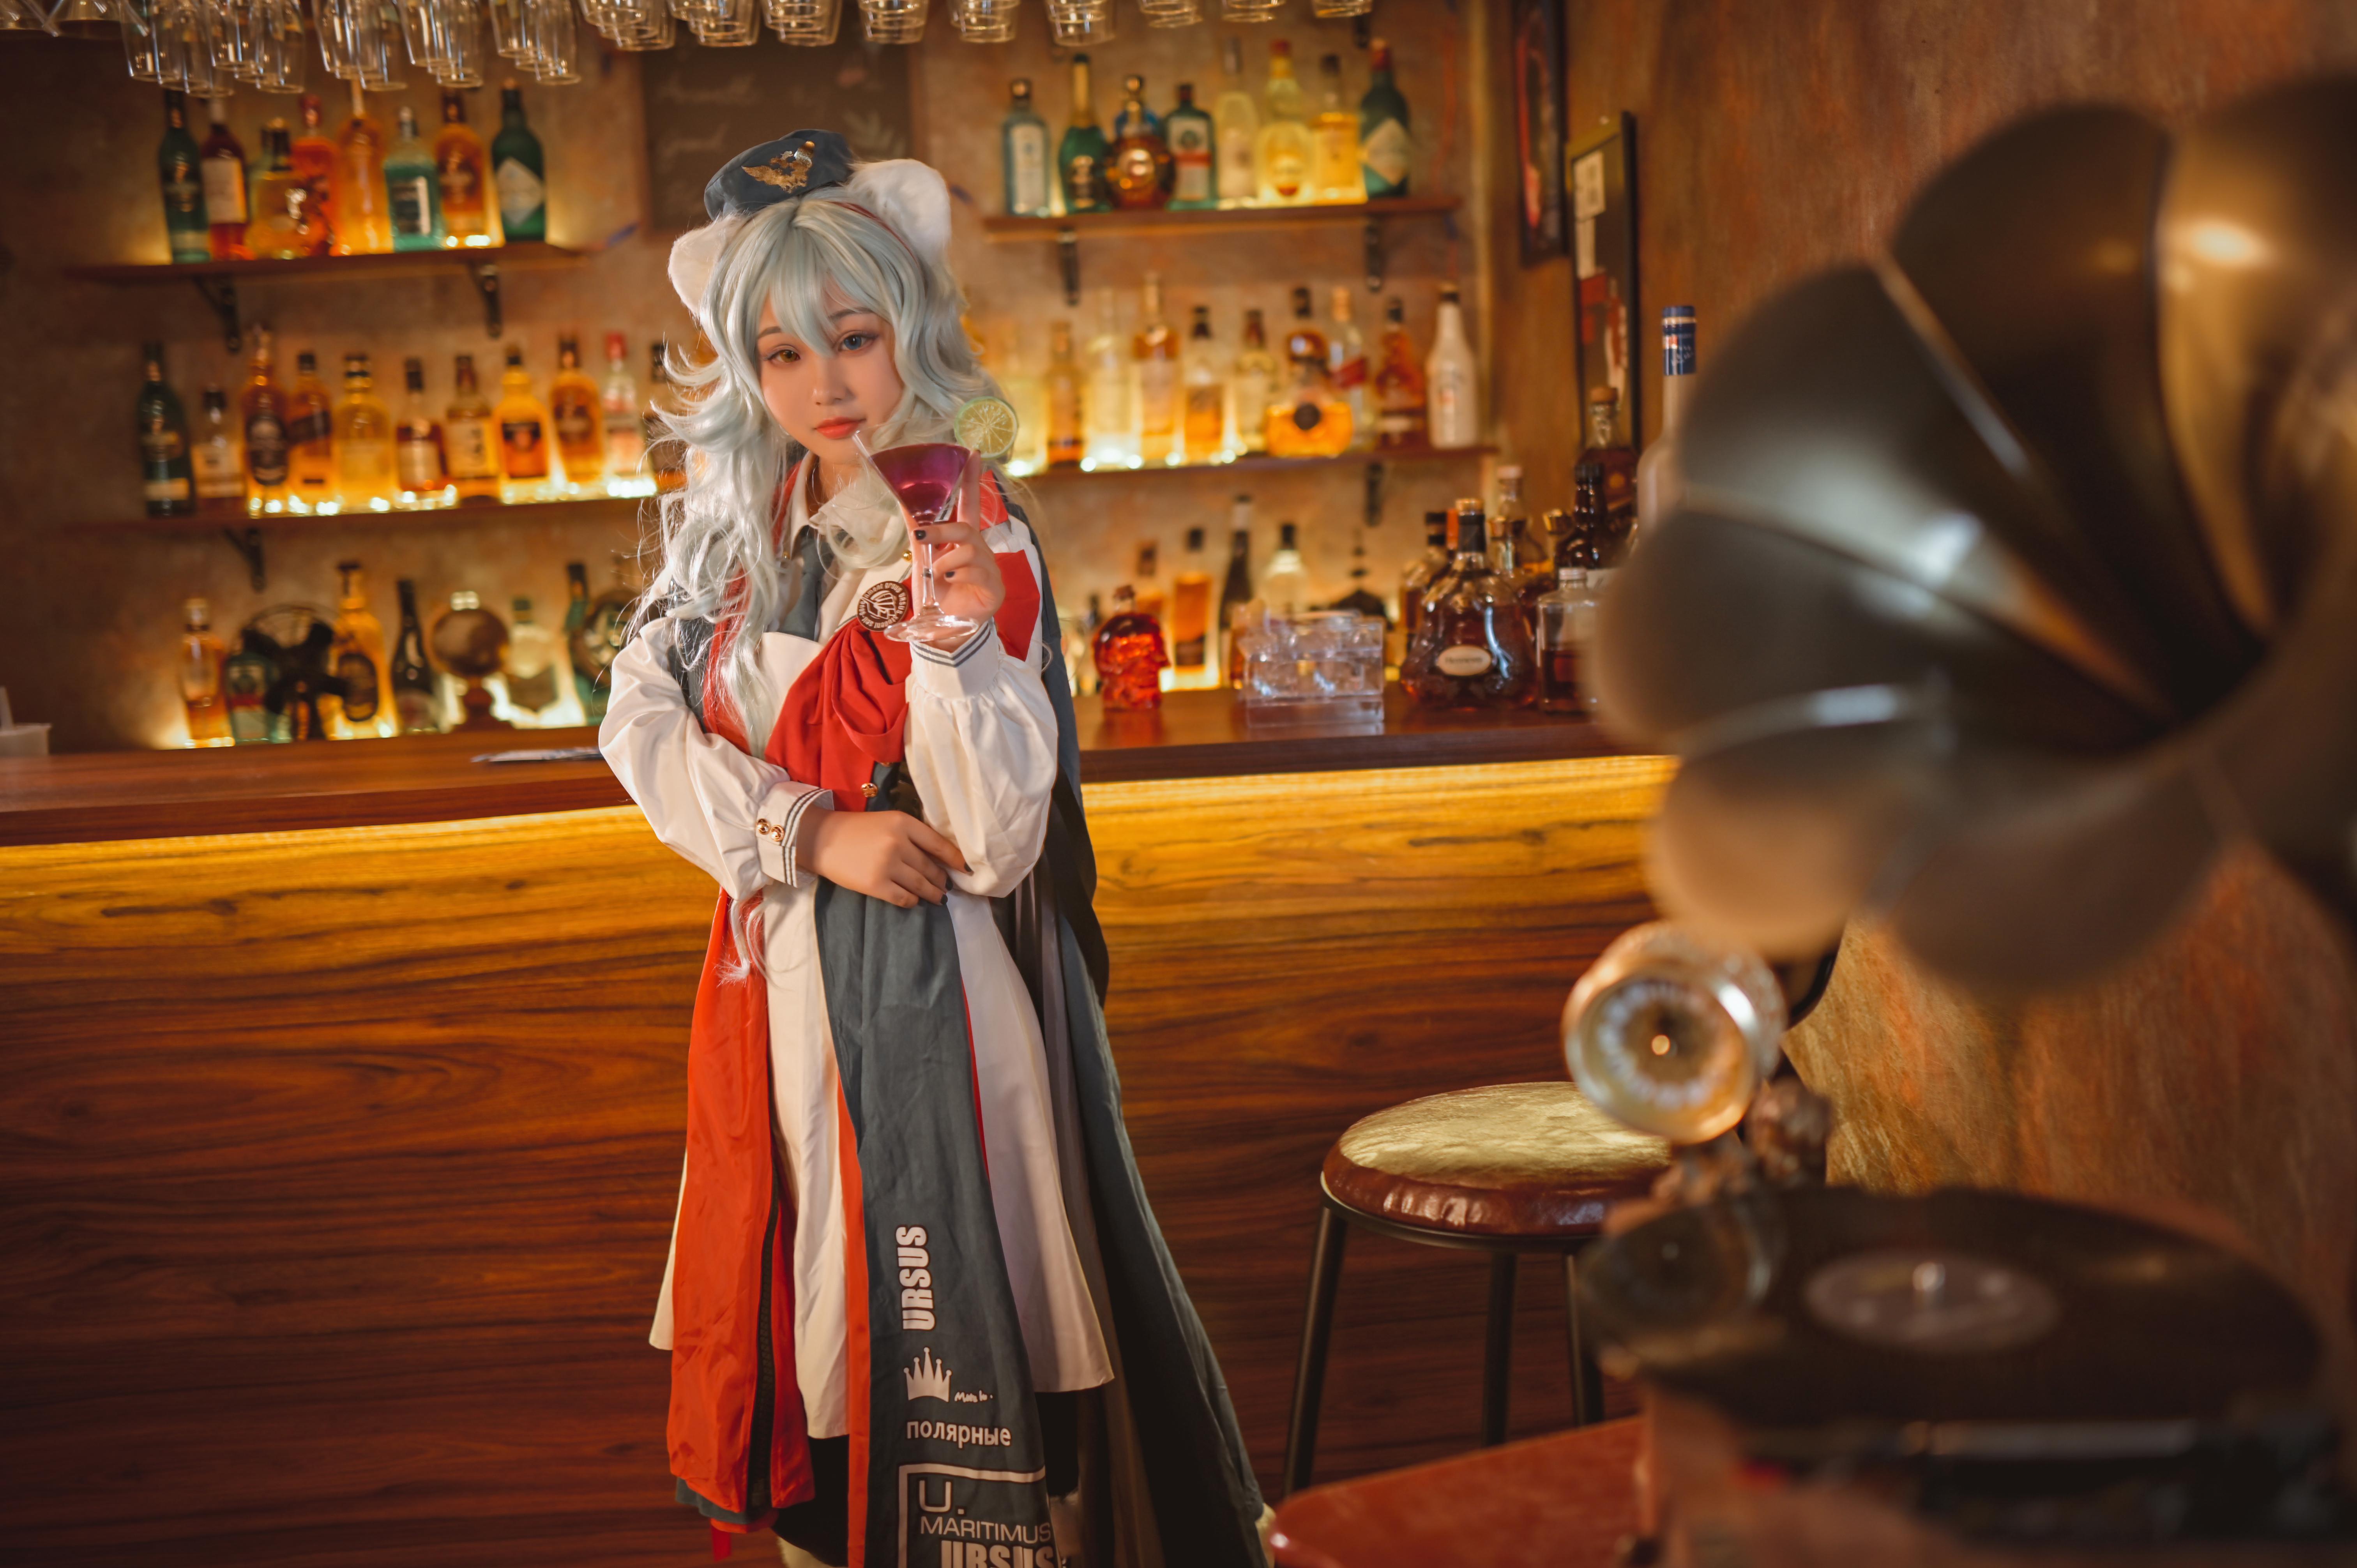 《明日方舟》正片cosplay【CN:魔法少女离酱】-第1张